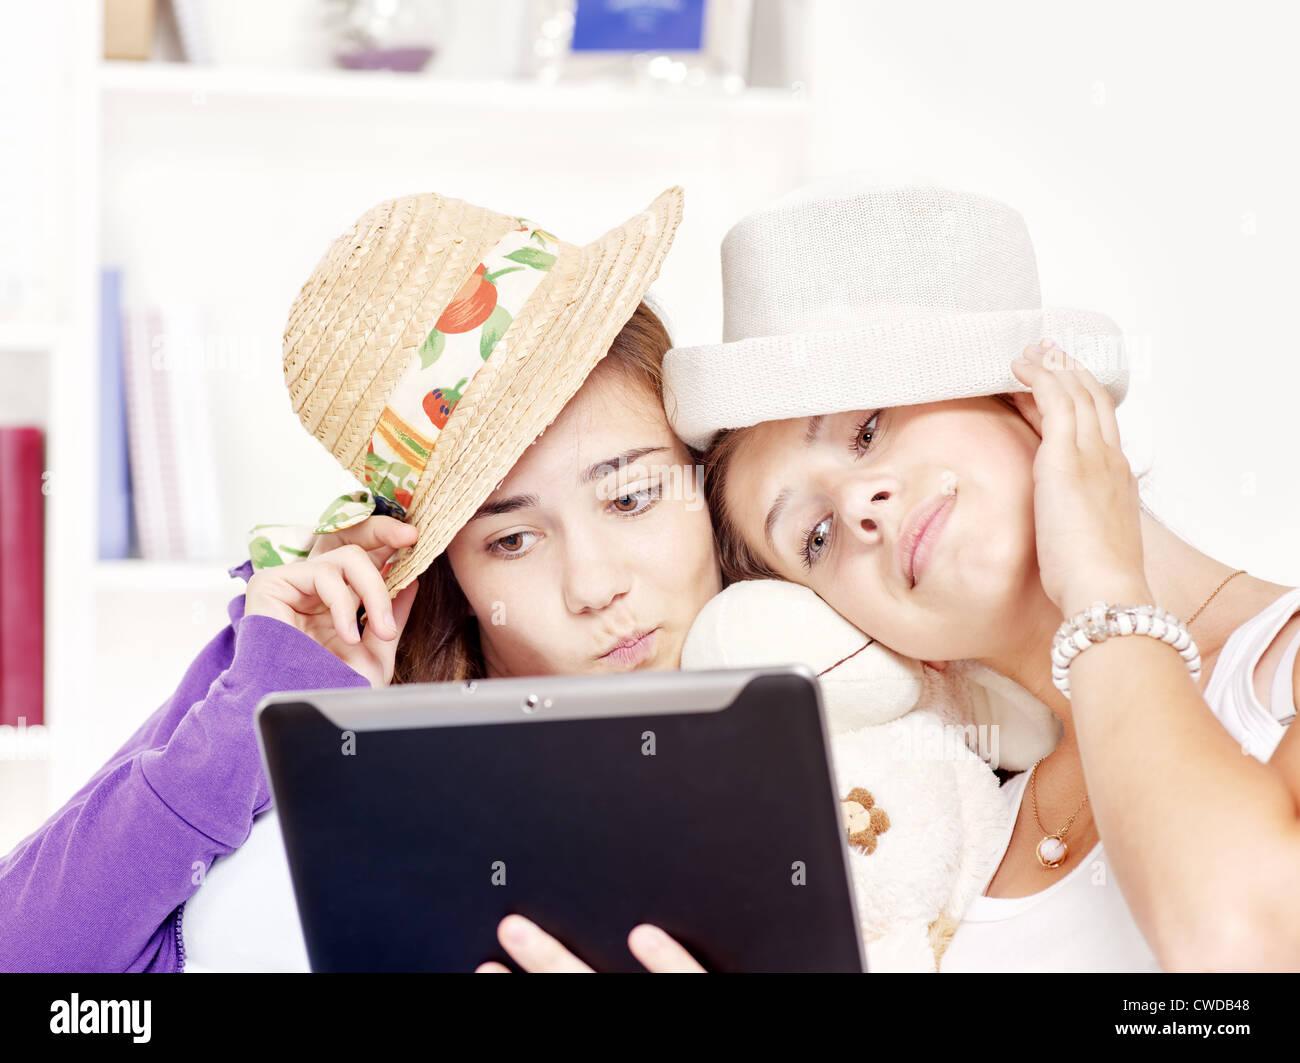 Heureux deux adolescentes s'amusant à l'aide de l'ordinateur tactile Photo Stock